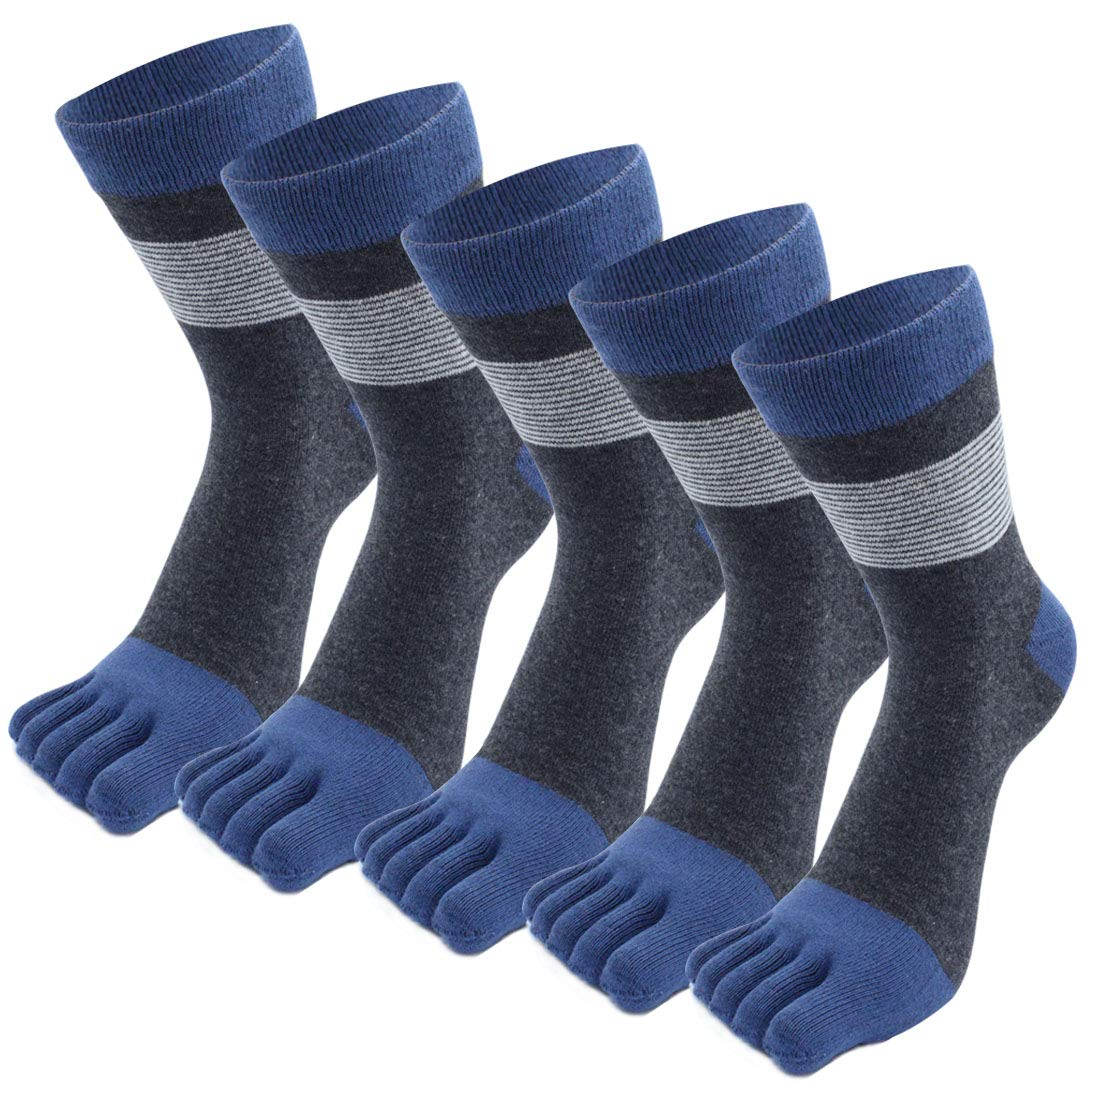 Calcetines Casuales De Algod/ón Para Hombres Calcetines Peque/ños MOAMUN 5 Pares De Calcetines De Cinco Dedos Para Hombres Suaves Y Transpirables Oto/ño E Invierno